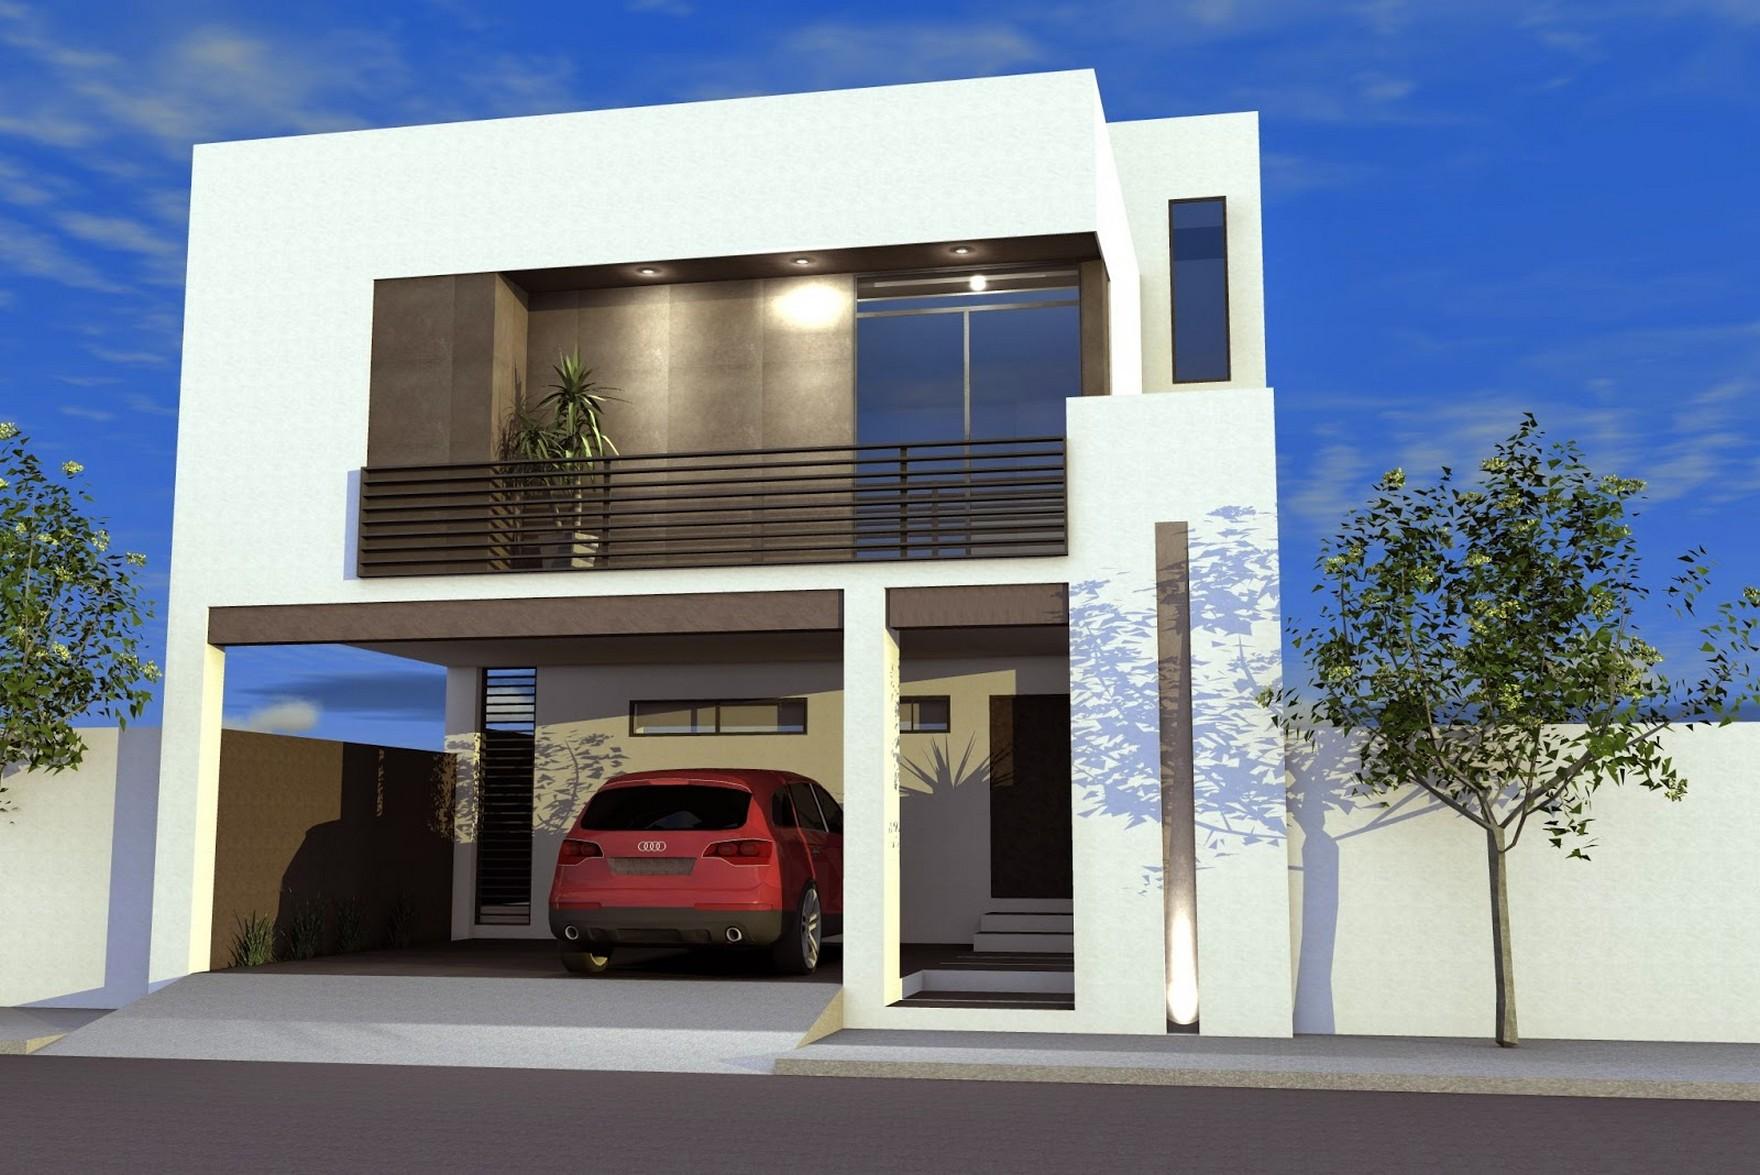 Im genes y fotograf as de fachadas con cantera planos y for Fotos casas modernas dos plantas